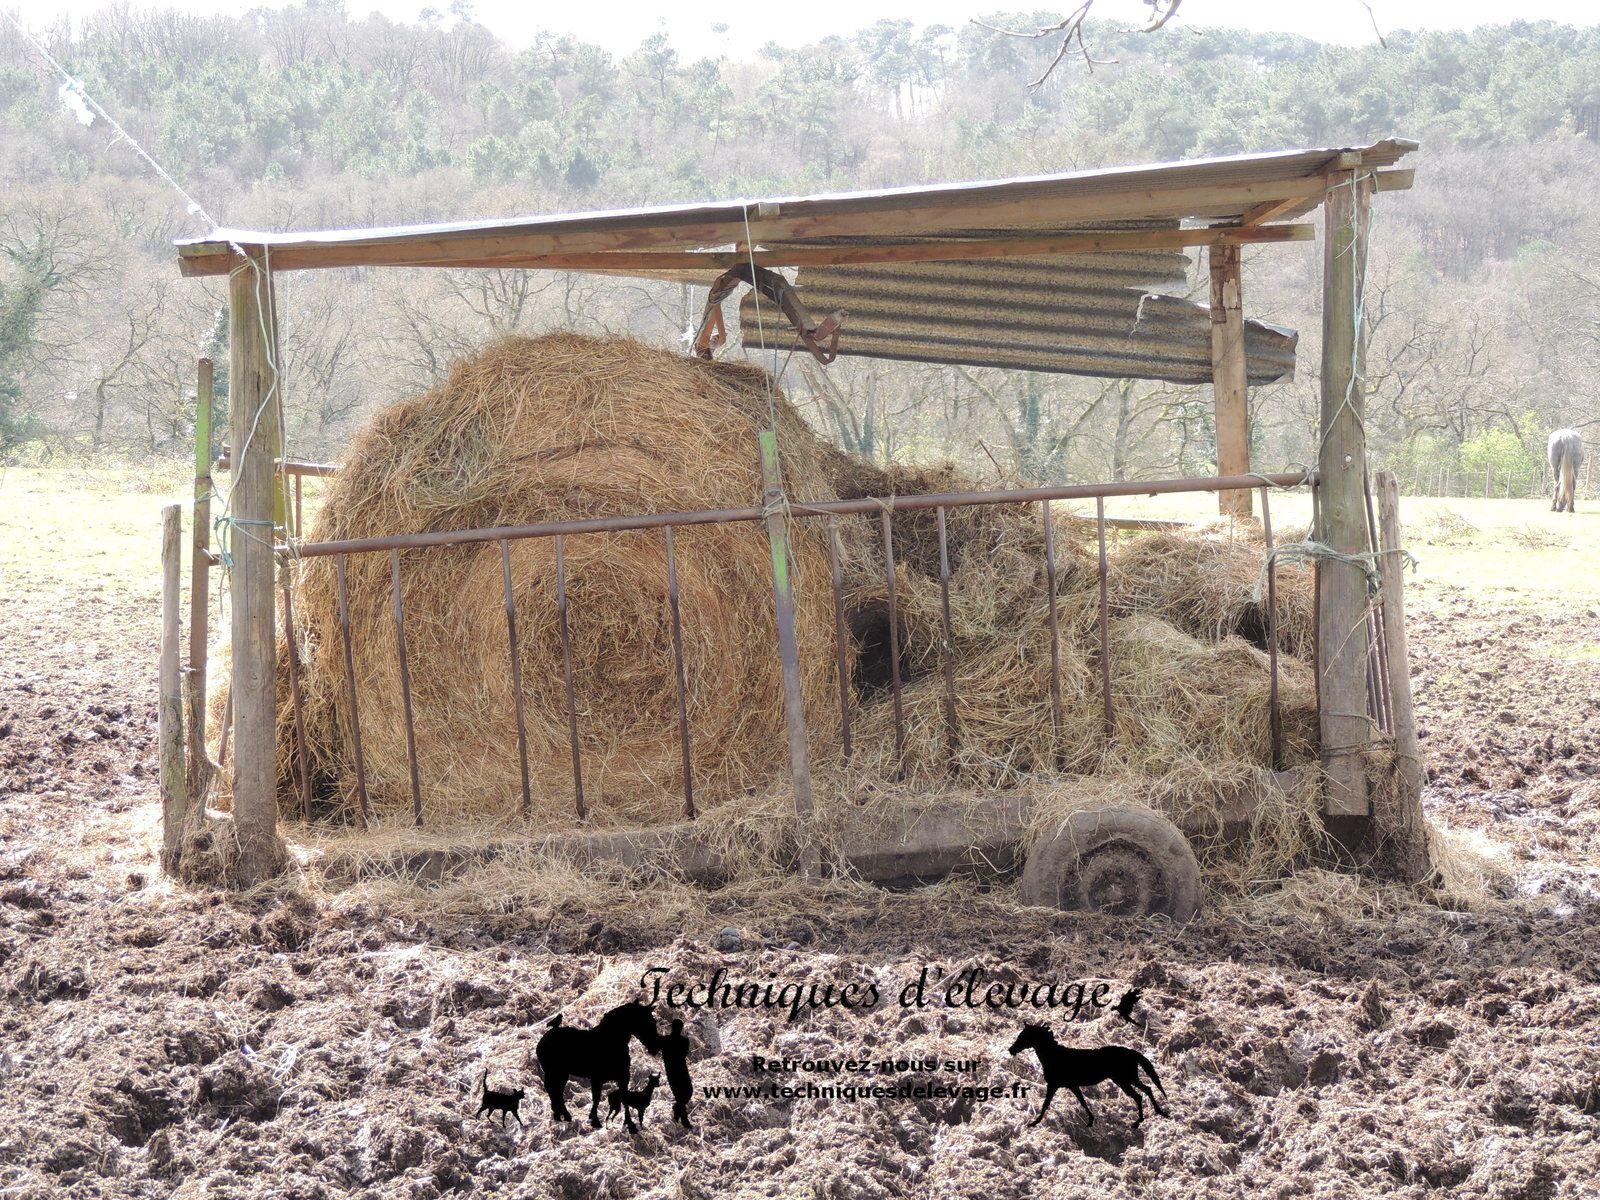 Foin. Techniques d'élevage. Tous droits réservés